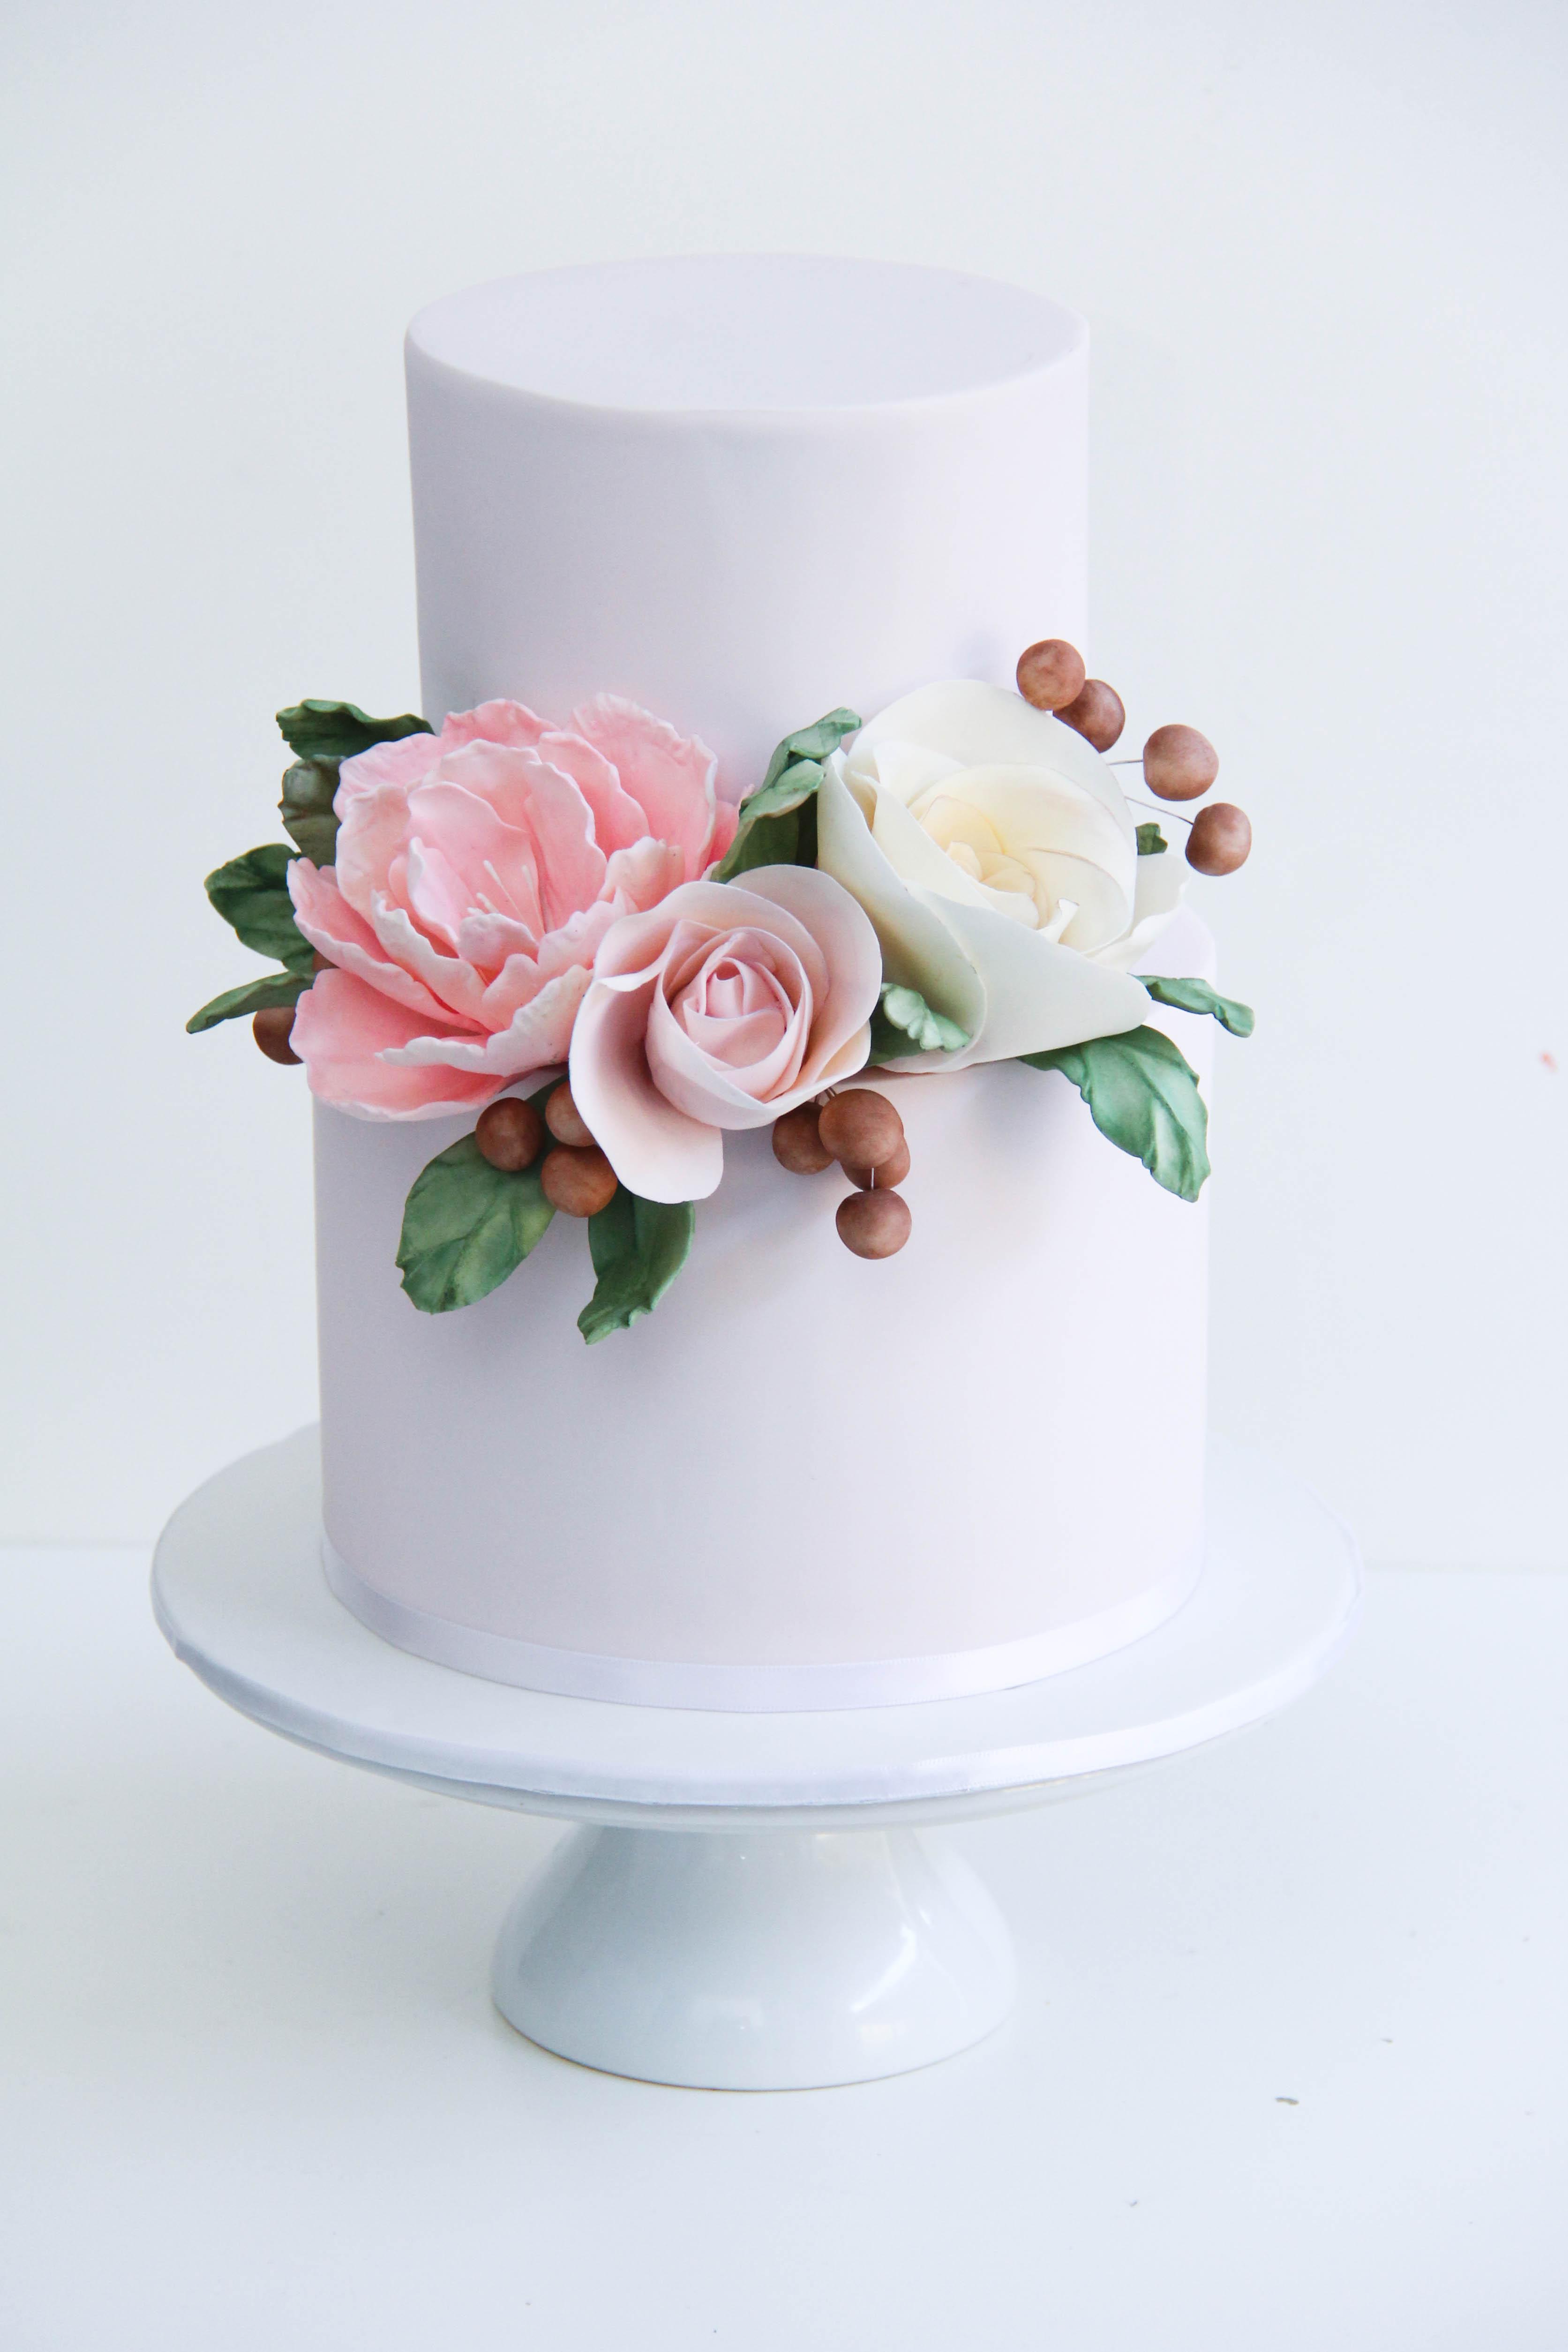 White wedding with sugar flower wreath